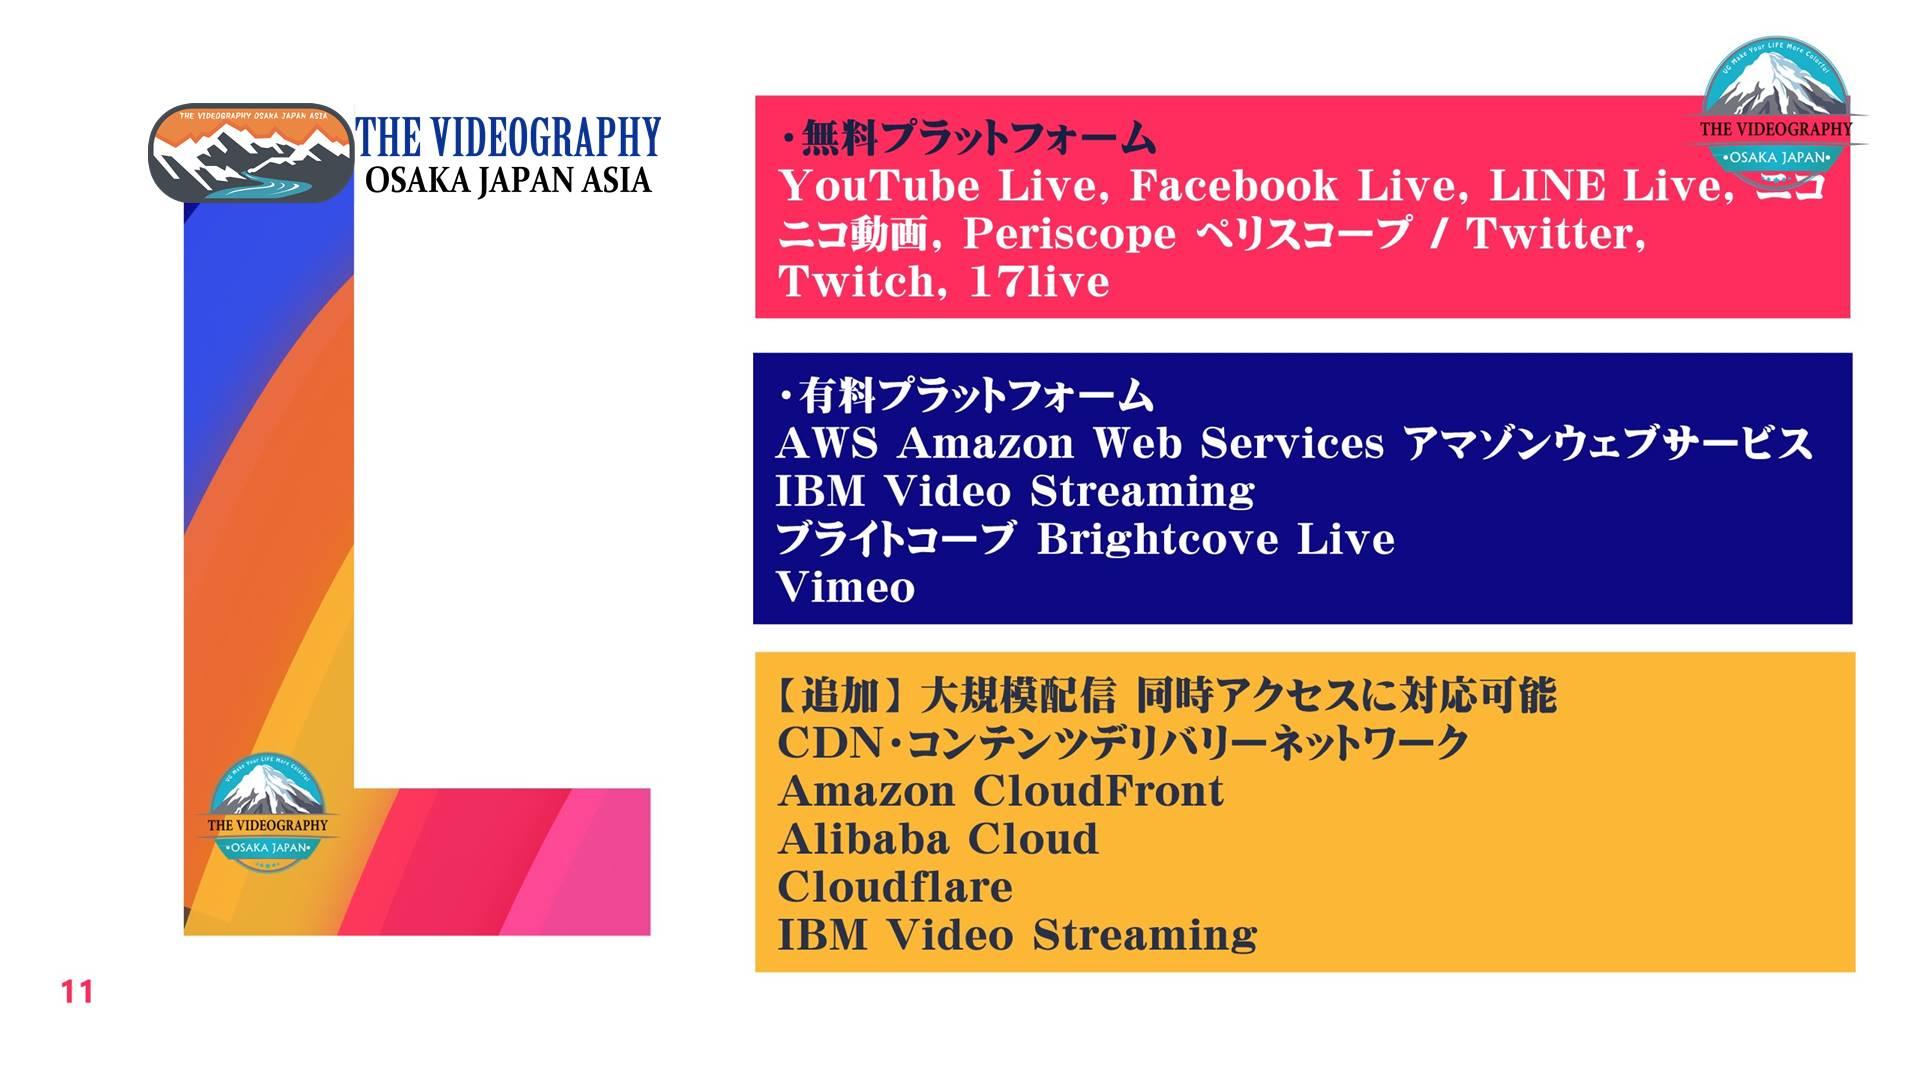 令和時代の動画マーケティング・「動画を作る」から 「動画で稼ぐ」「動画配信で稼ぐ」が主流の時代です。 さよならYouTube・レッドオーシャン 過当競争ではなく、ブルーオーシャン あなただけのオリジナルの動画作品 ライブ配信を視聴者に届けることが必須です。 【対応エリアは47都道府県】 東京都 大阪府大阪市 神奈川県横浜市 千葉県 愛知県名古屋市 北海道札幌市 福岡県博多市 青森県 岩手県盛岡市 宮城県仙台市 秋田県 山形県 福島県 茨城県水戸市 栃木県宇都宮市 群馬県前橋市 埼玉県 新潟県 富山県 石川県金沢市 福井県 山梨県 長野県松本市 岐阜県 静岡県 三重県津市 滋賀県大津市 京都府京都市 兵庫県神戸市 奈良県 和歌山県 鳥取県 島根県松江市 岡山県 広島県 山口県 徳島県徳島市 香川県高松市 愛媛県松山市 高知県高知市 佐賀県 長崎県 熊本県 大分県 宮崎県 鹿児島県 沖縄県那覇市 石垣島 西表島 八重山諸島